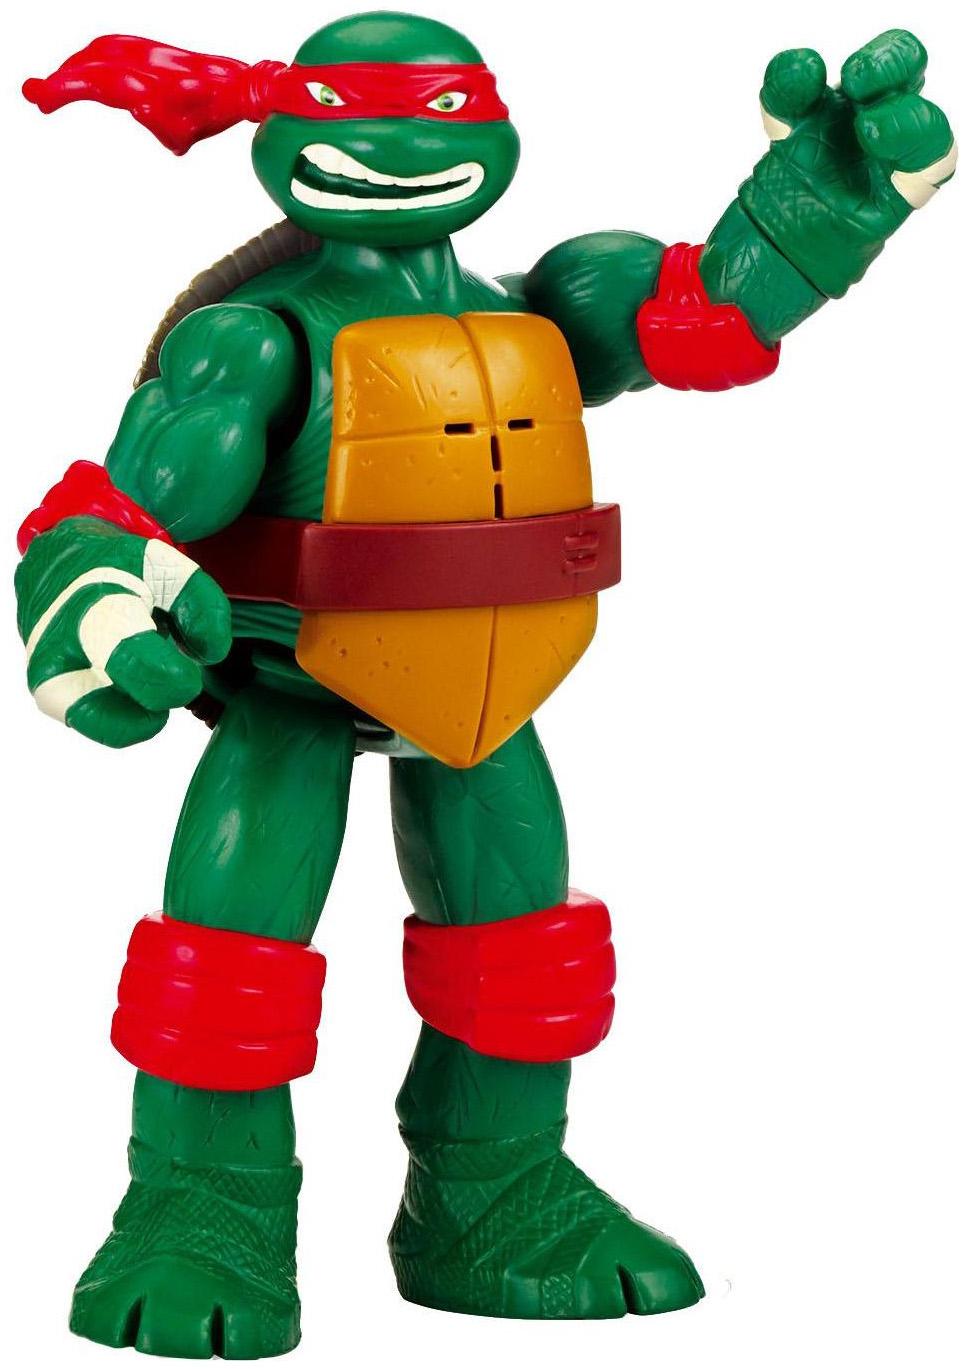 Фигурка Playmates Toys черепашки-ниндзя, 15 см, Раф, клич ниндзя фото